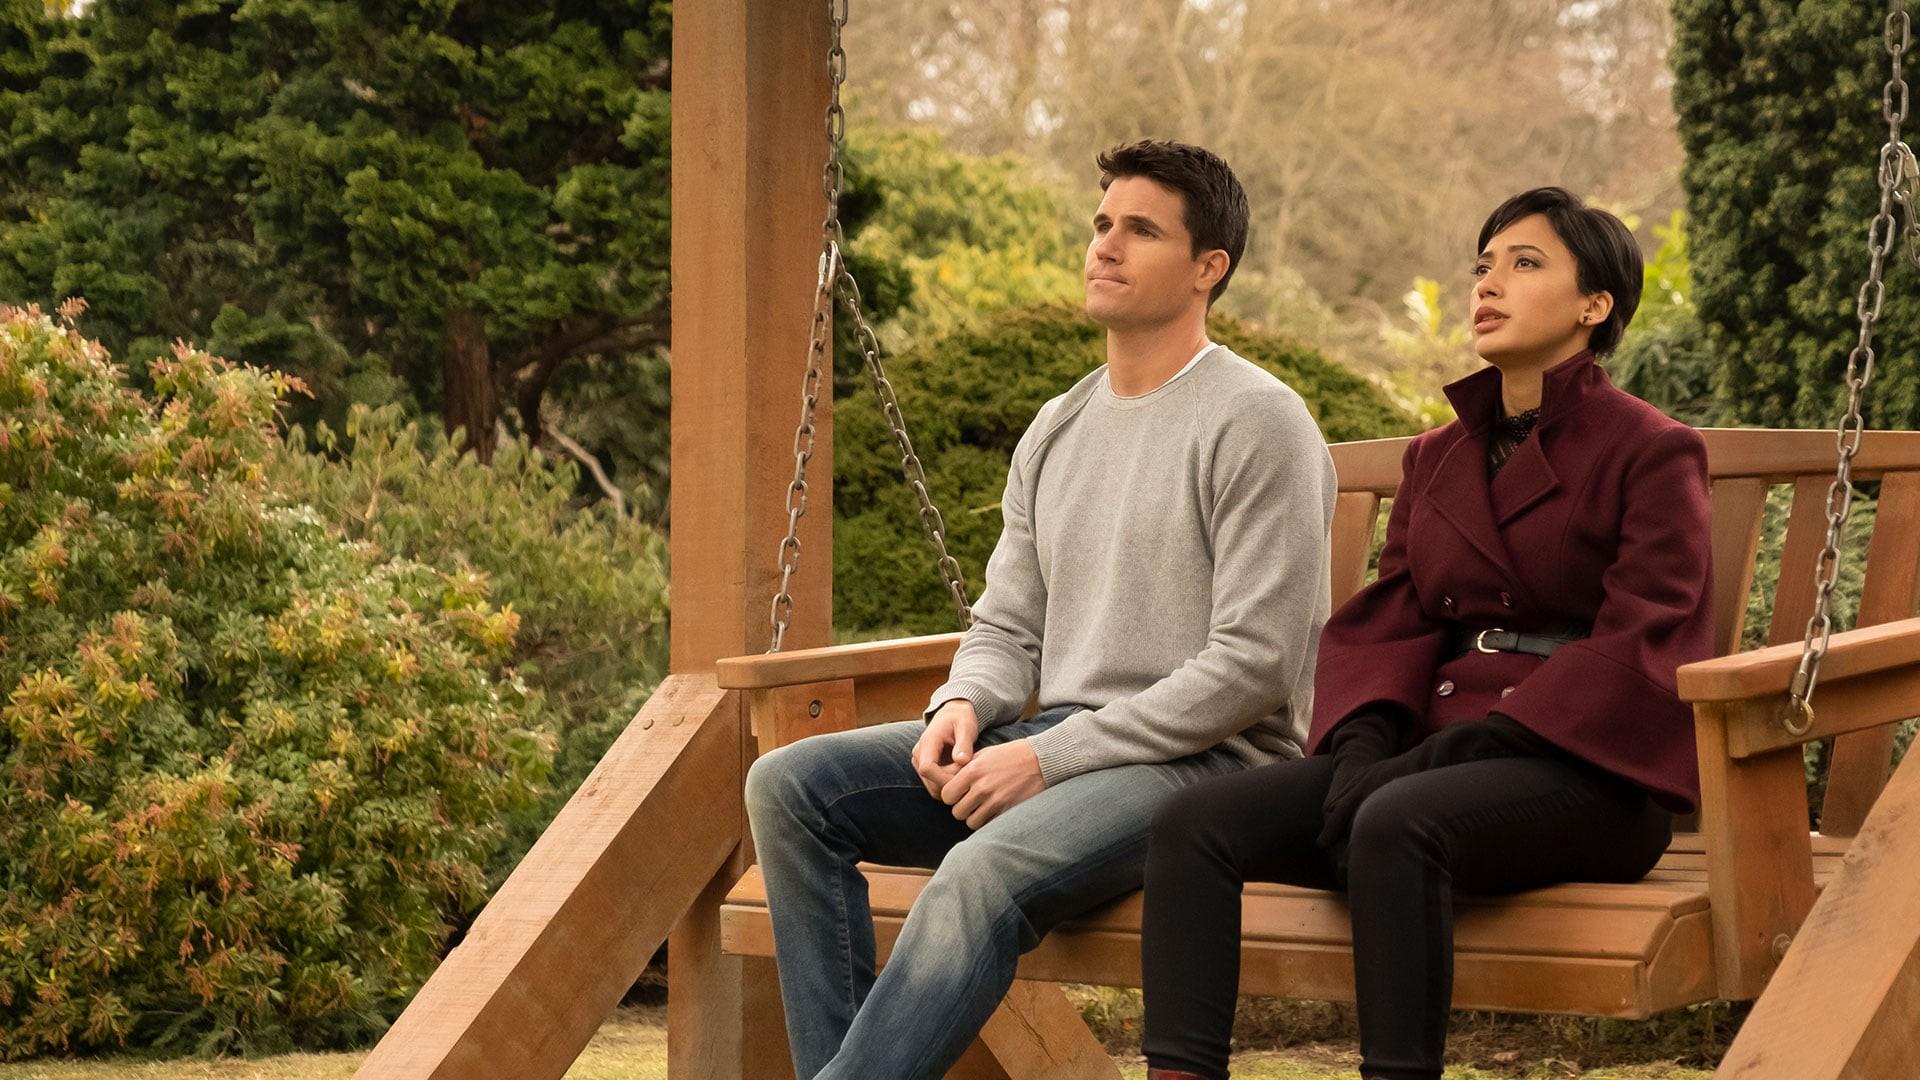 Какие сериалы смотреть в мае 2020? «Агенты Щ.И.Т.», сериал «Сквозь снег», «Рик и Морти» 2